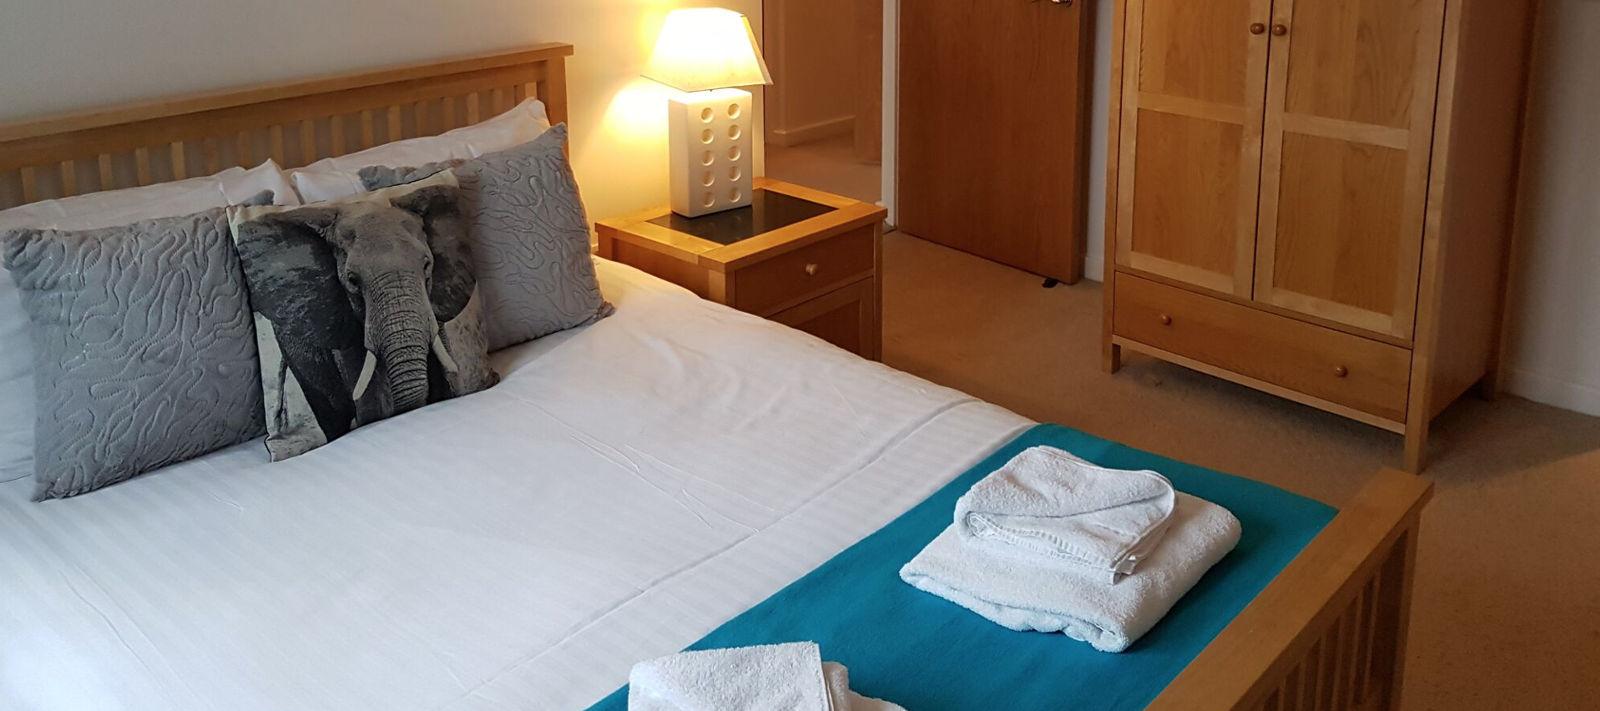 दो बेडरूम अपार्टमेंट, सिटी क्वाड्रंट